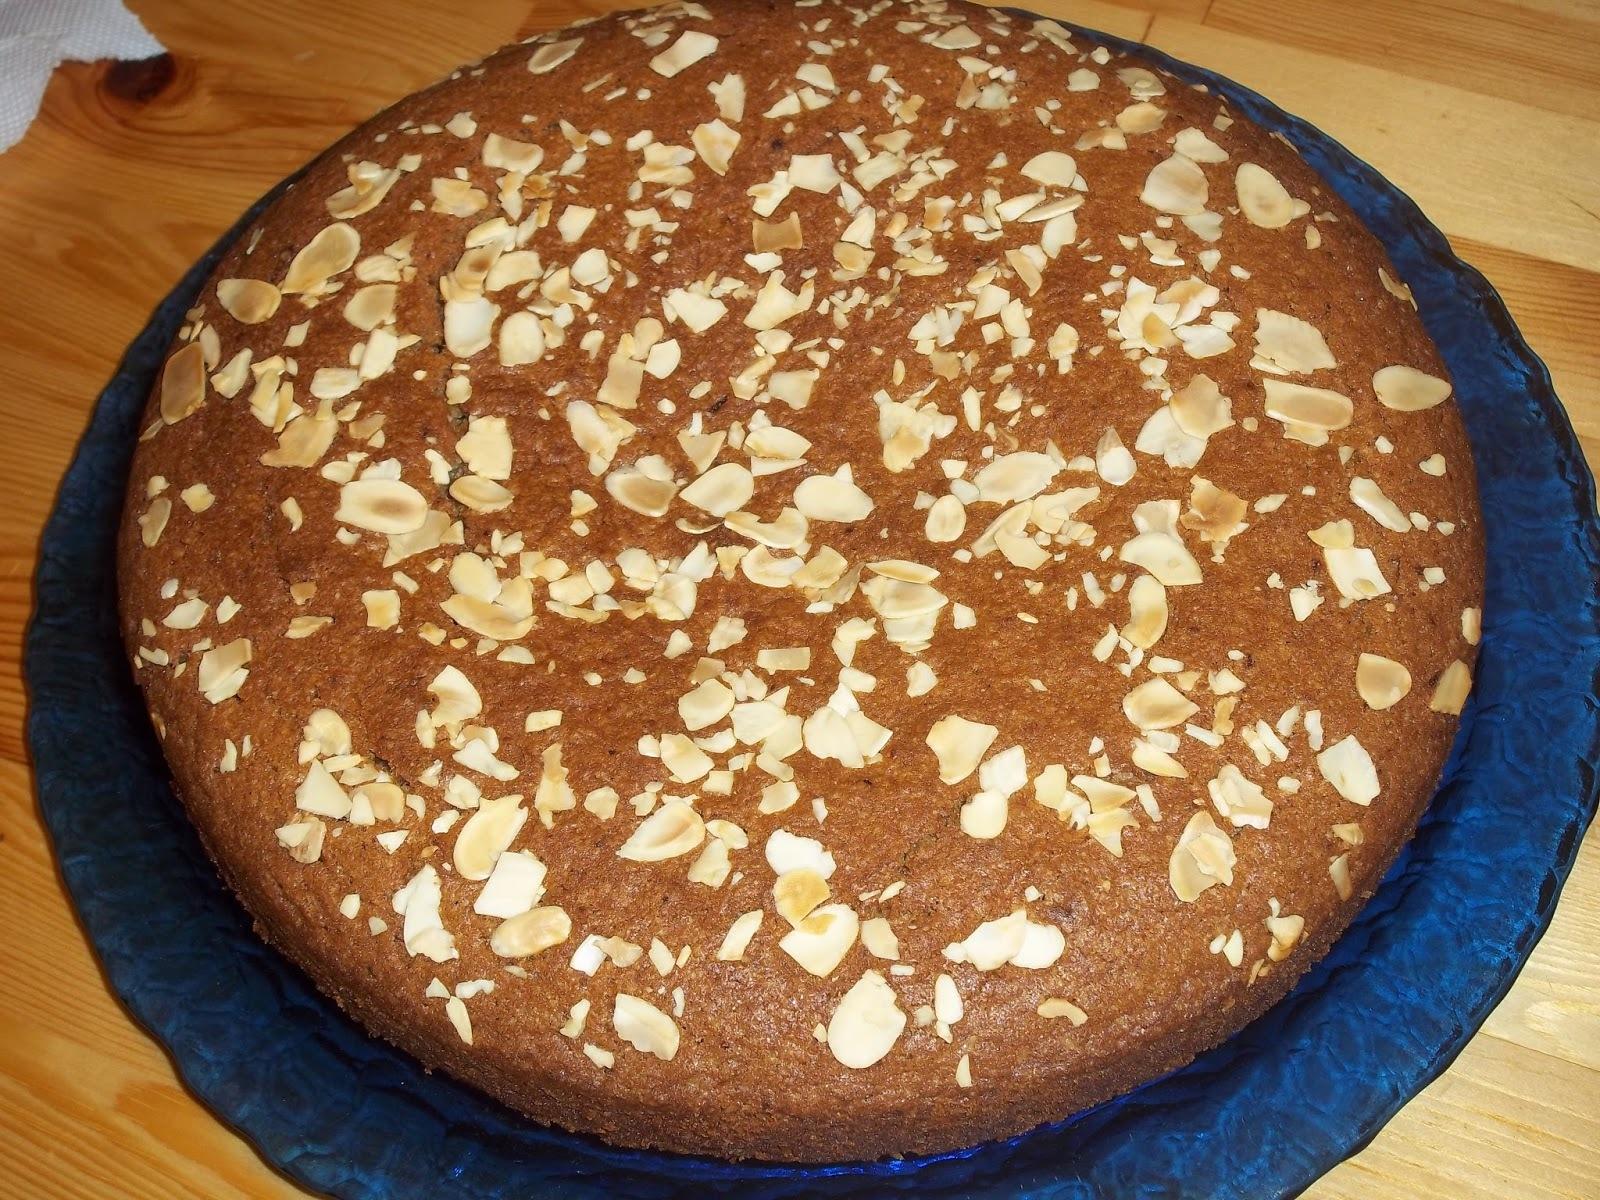 Κέικ αρωματικό με λάδι , χωρίς αυγά (νηστήσιμο, παραλλαγή στη συνταγή της Φανουρόπιτας)